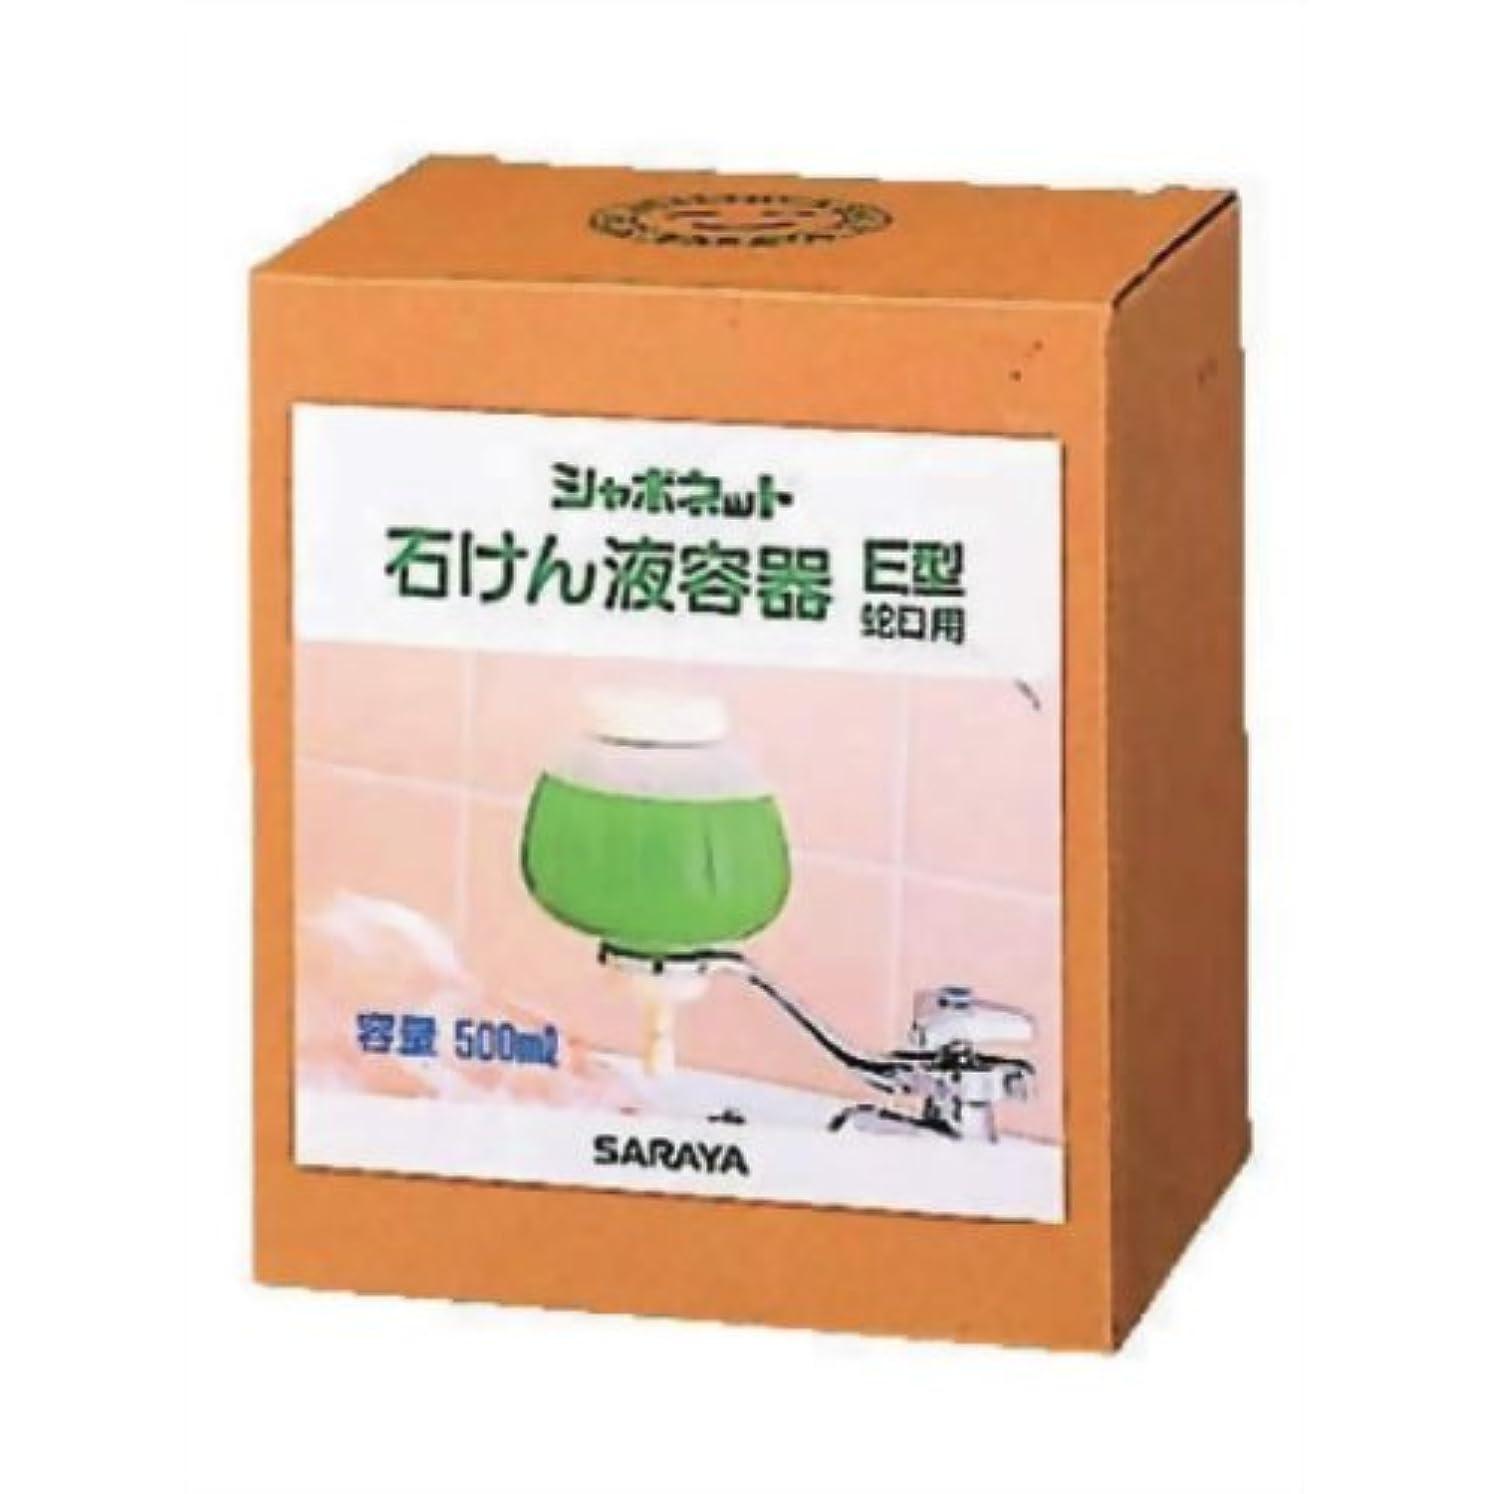 つかの間放置フィットシャボネット 石鹸液容器 E型蛇口用 500ml